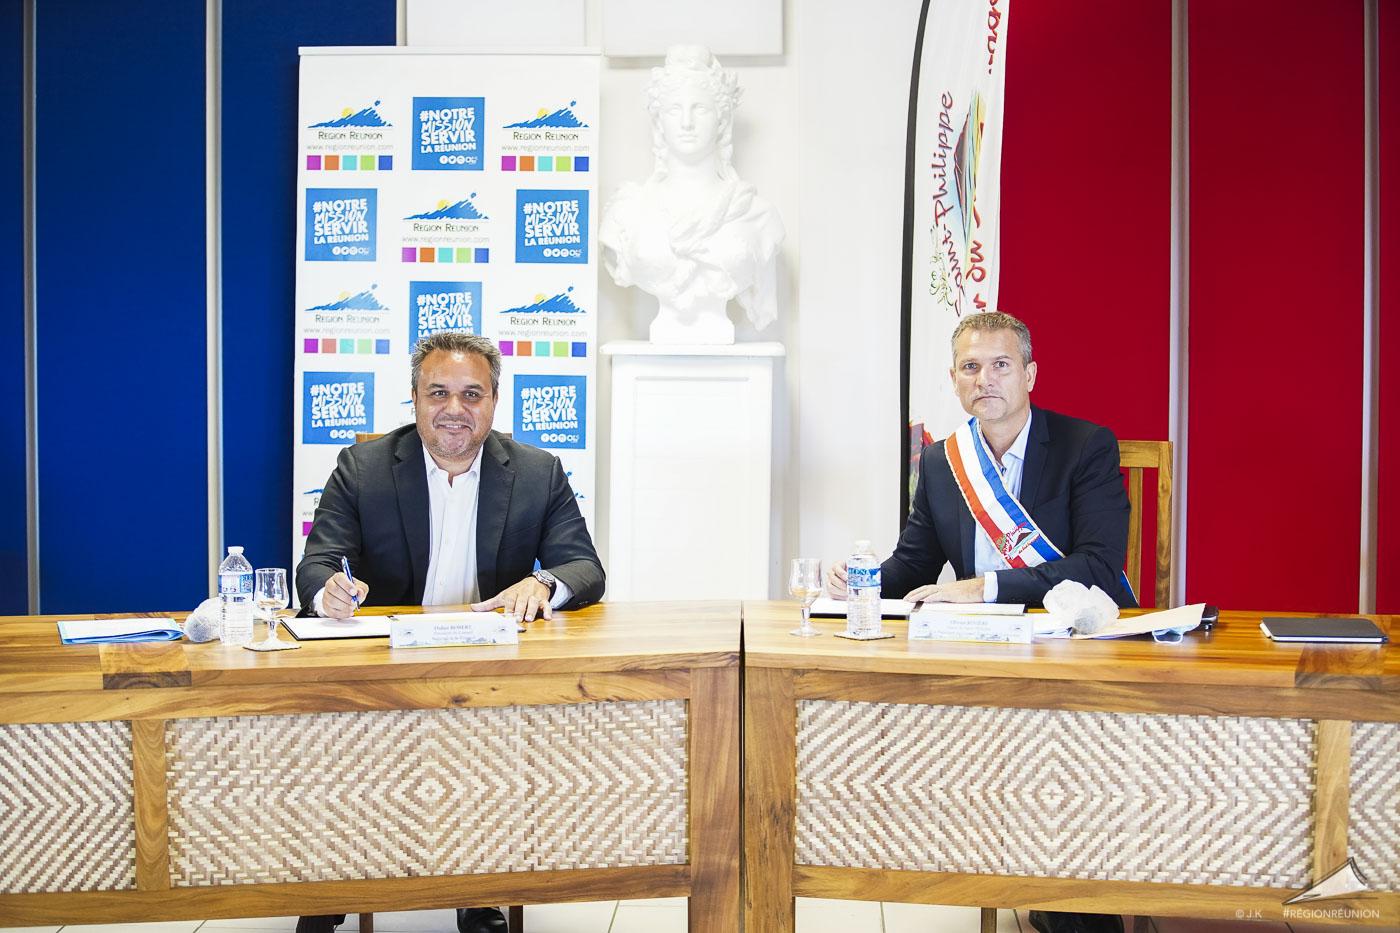 Signature de convention entre la Région et la commune de Saint-Philippe